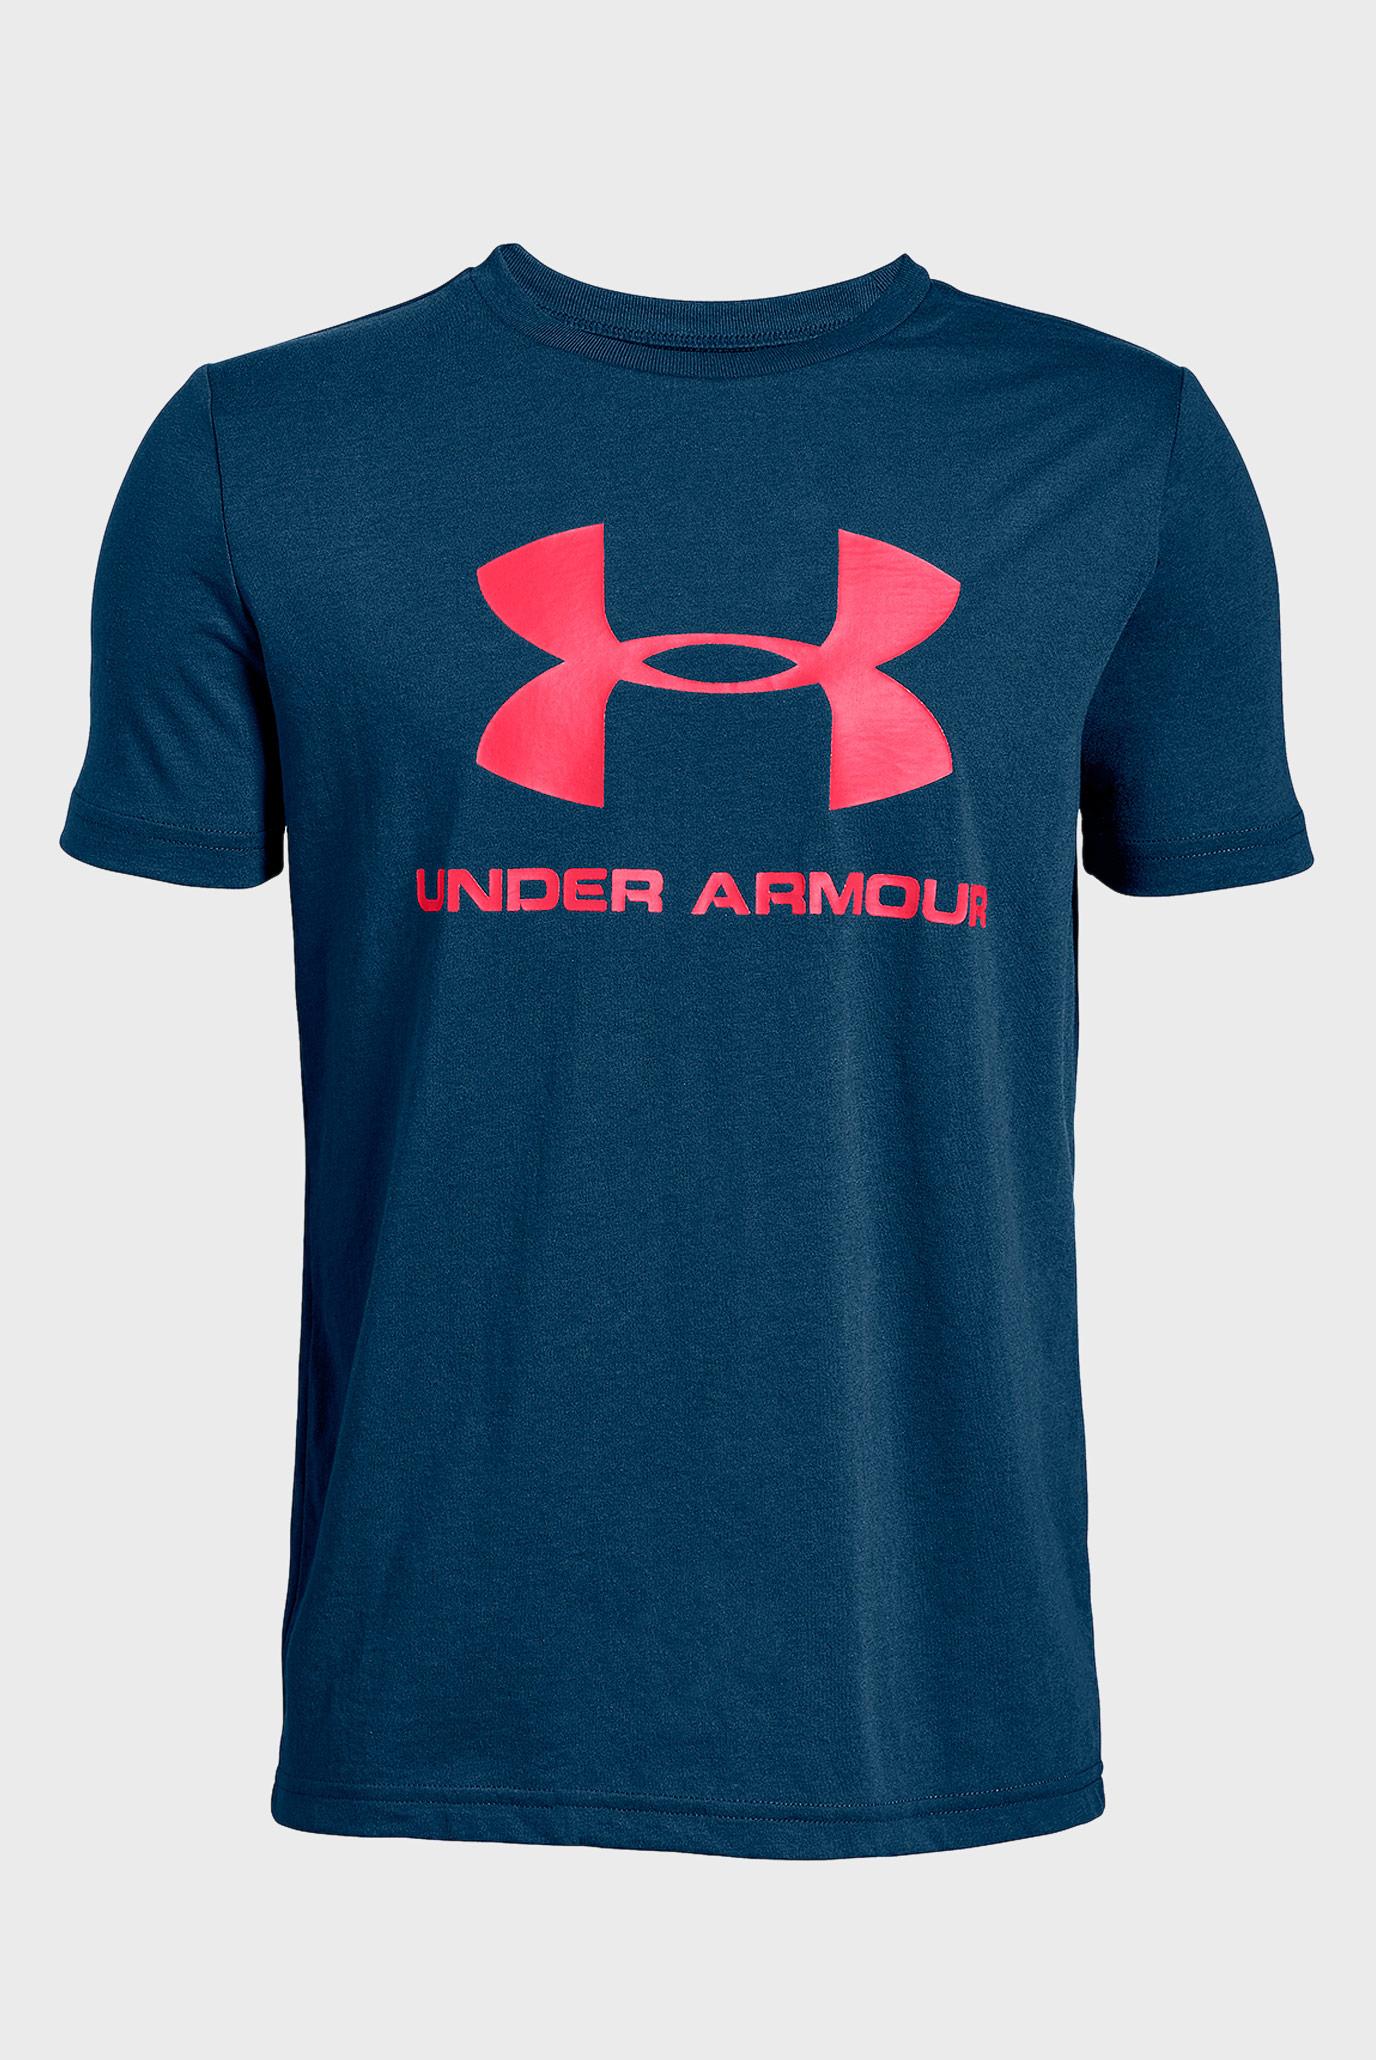 Купить Детская темно-синяя футболка Sportstyle Logo Under Armour Under Armour 1330893-437 – Киев, Украина. Цены в интернет магазине MD Fashion